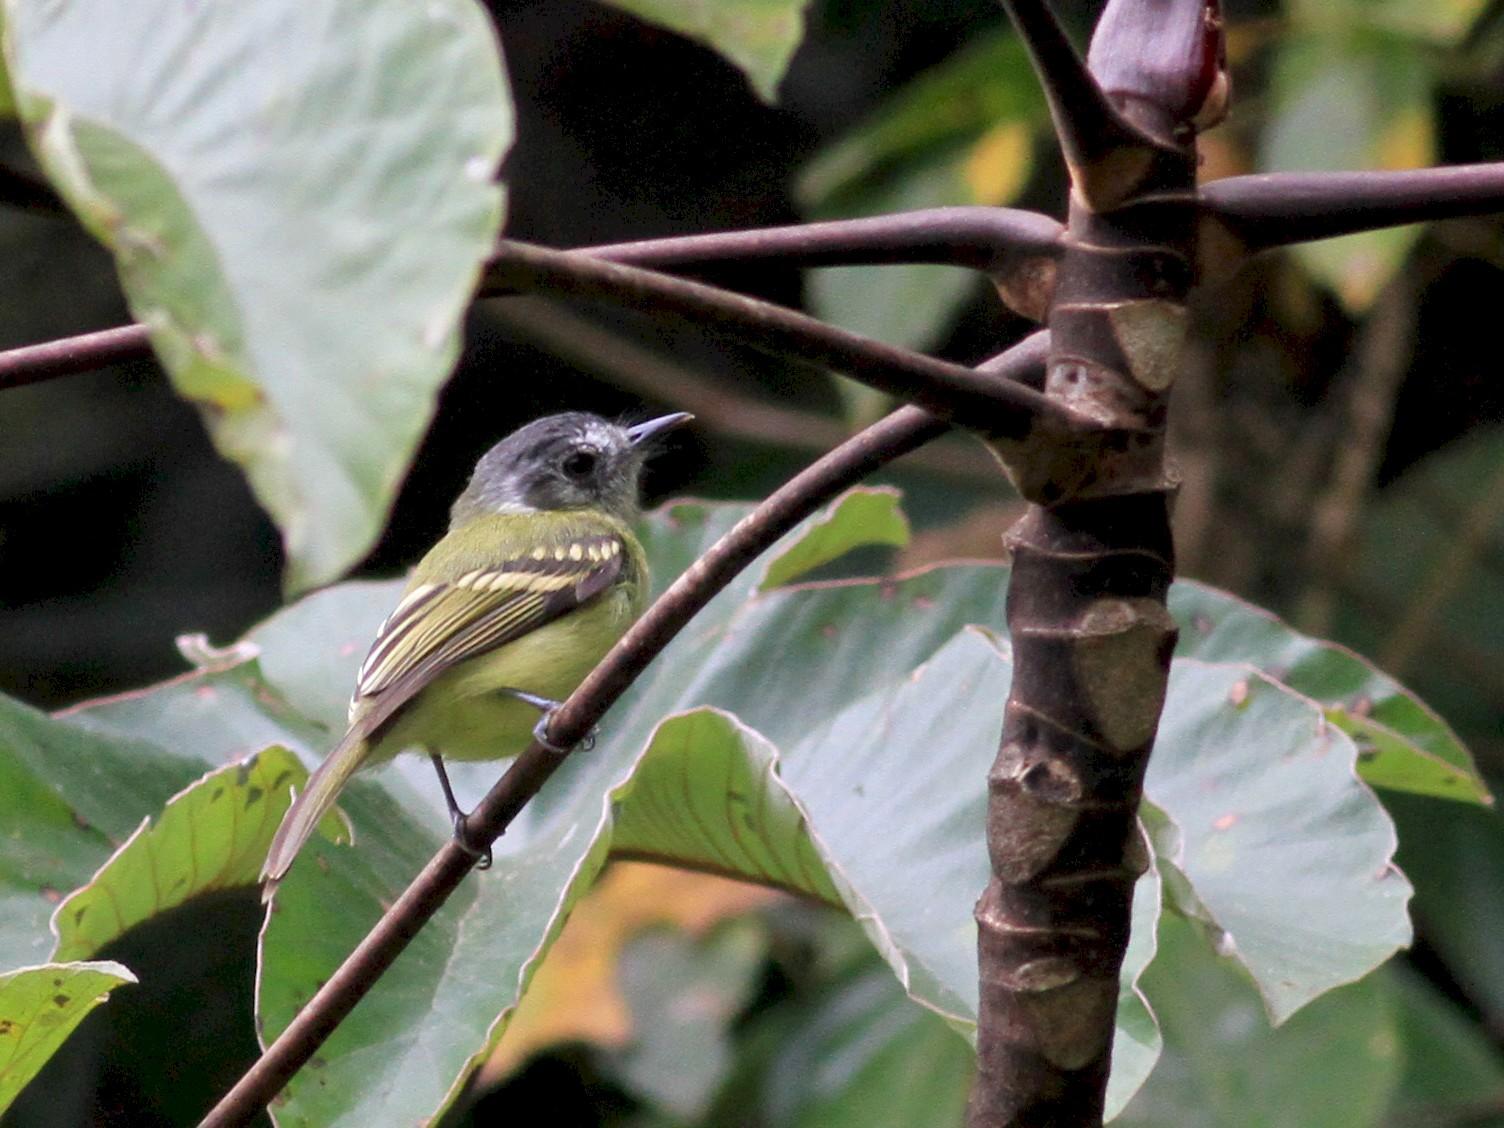 Slaty-capped Flycatcher - Jay McGowan